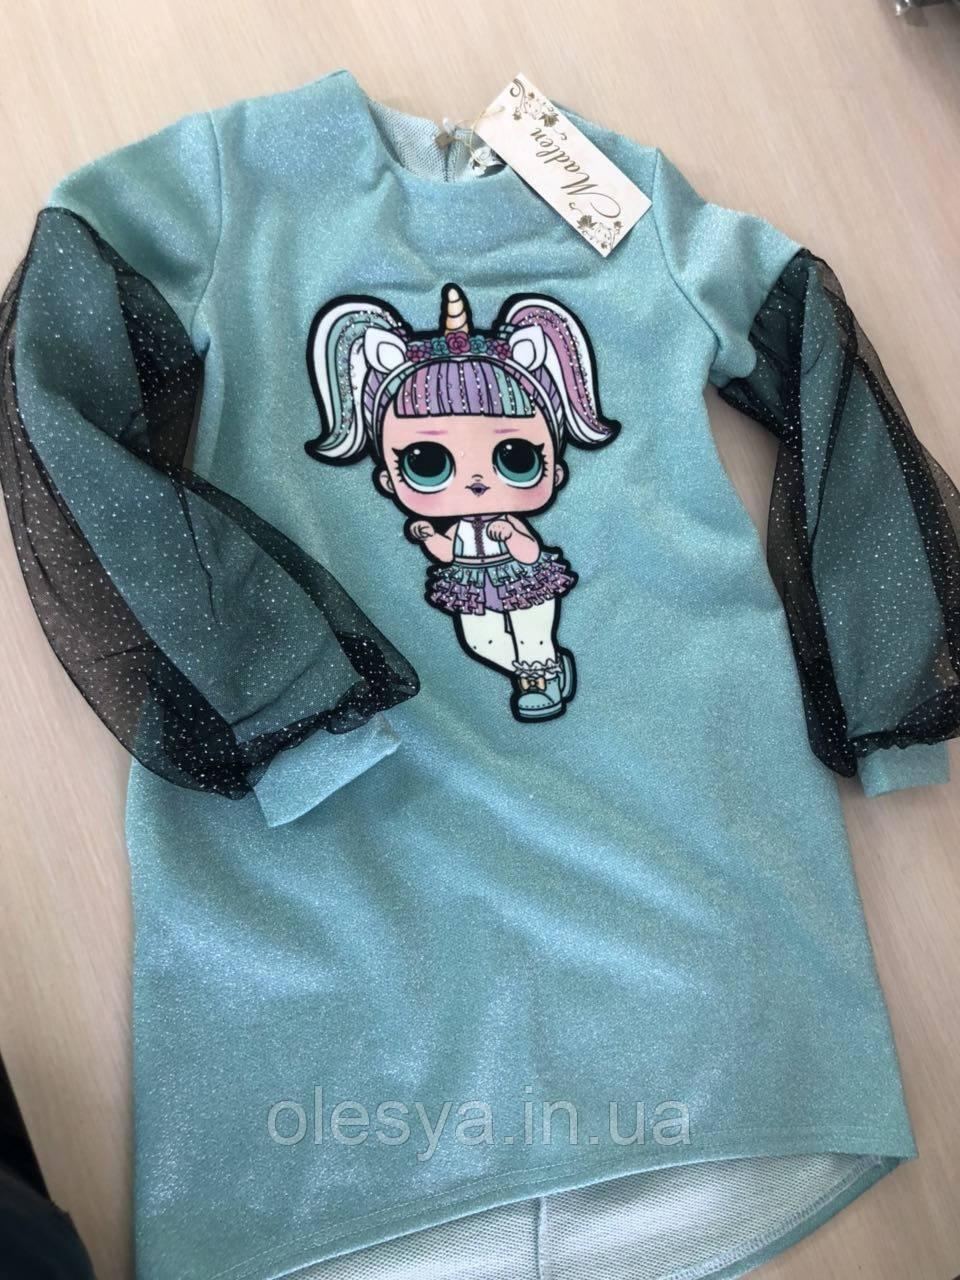 Новинка! Детское платье на девочку с куколкой LOL Размер 122  Тренд сезона